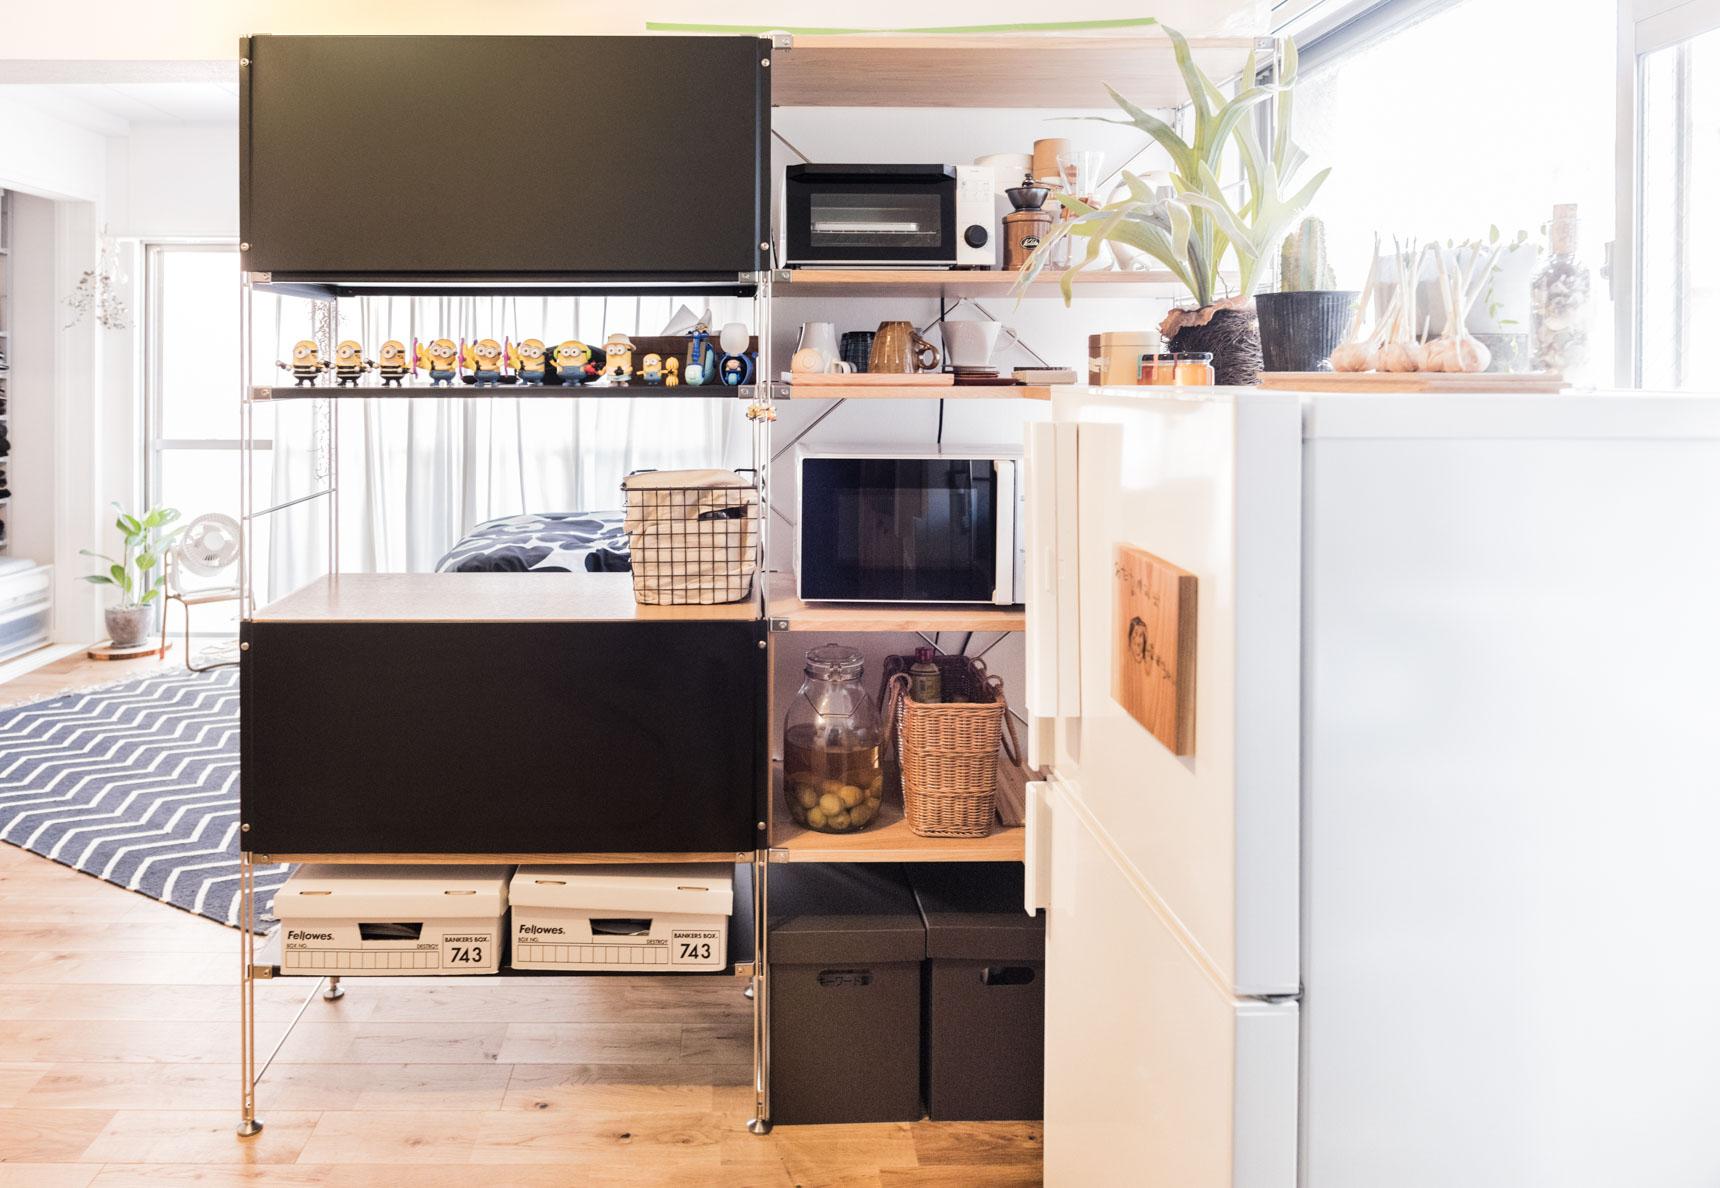 背板をうまく組み合わせることで、ベッドルーム側から見ると本棚、キッチン側から見ると家電や食材の棚と、2つの機能を持たせています。